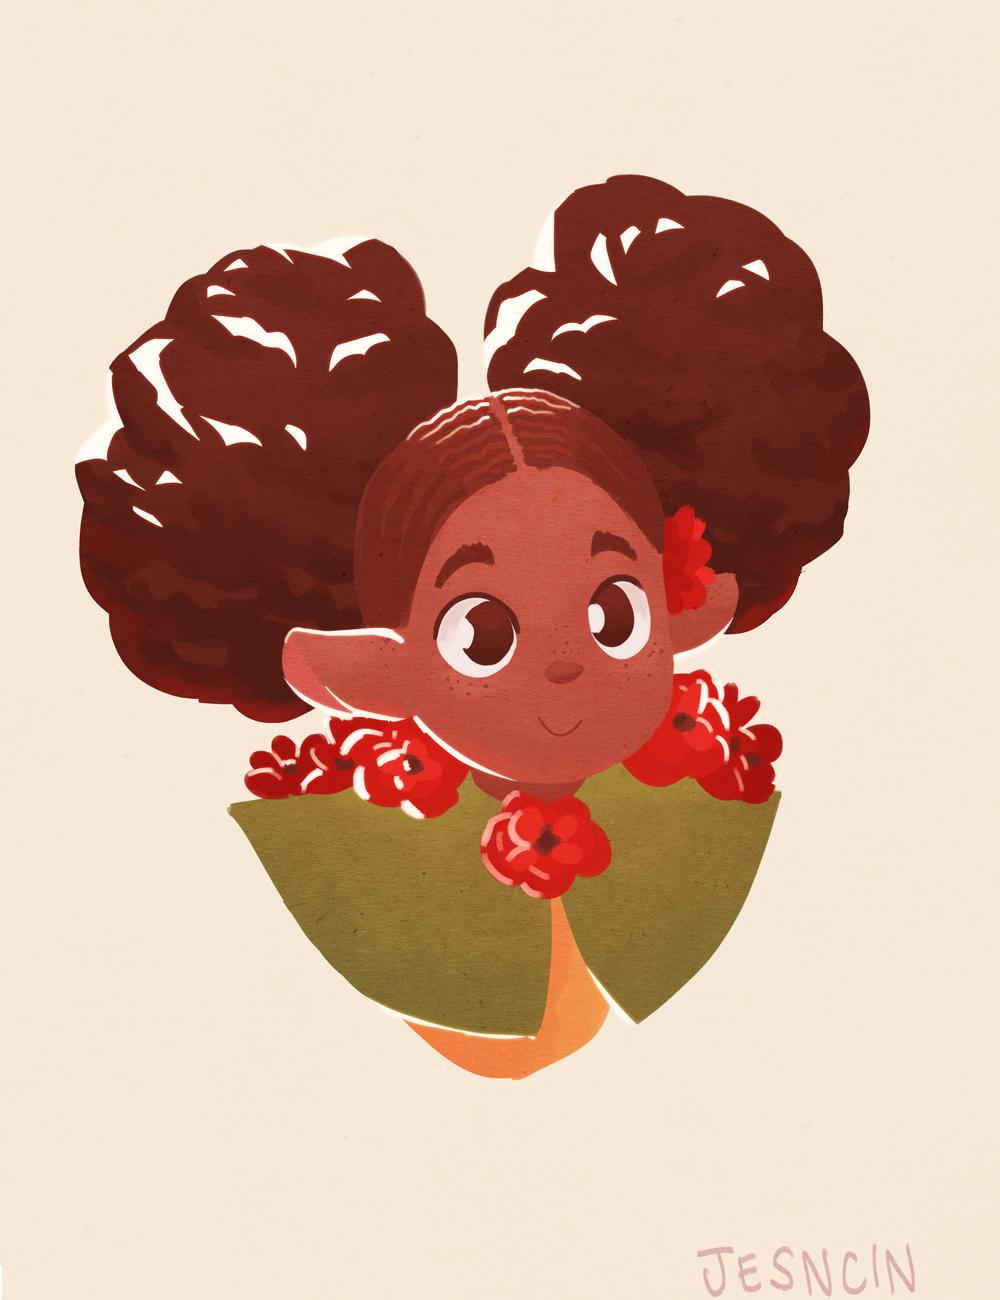 Poppy with poppys